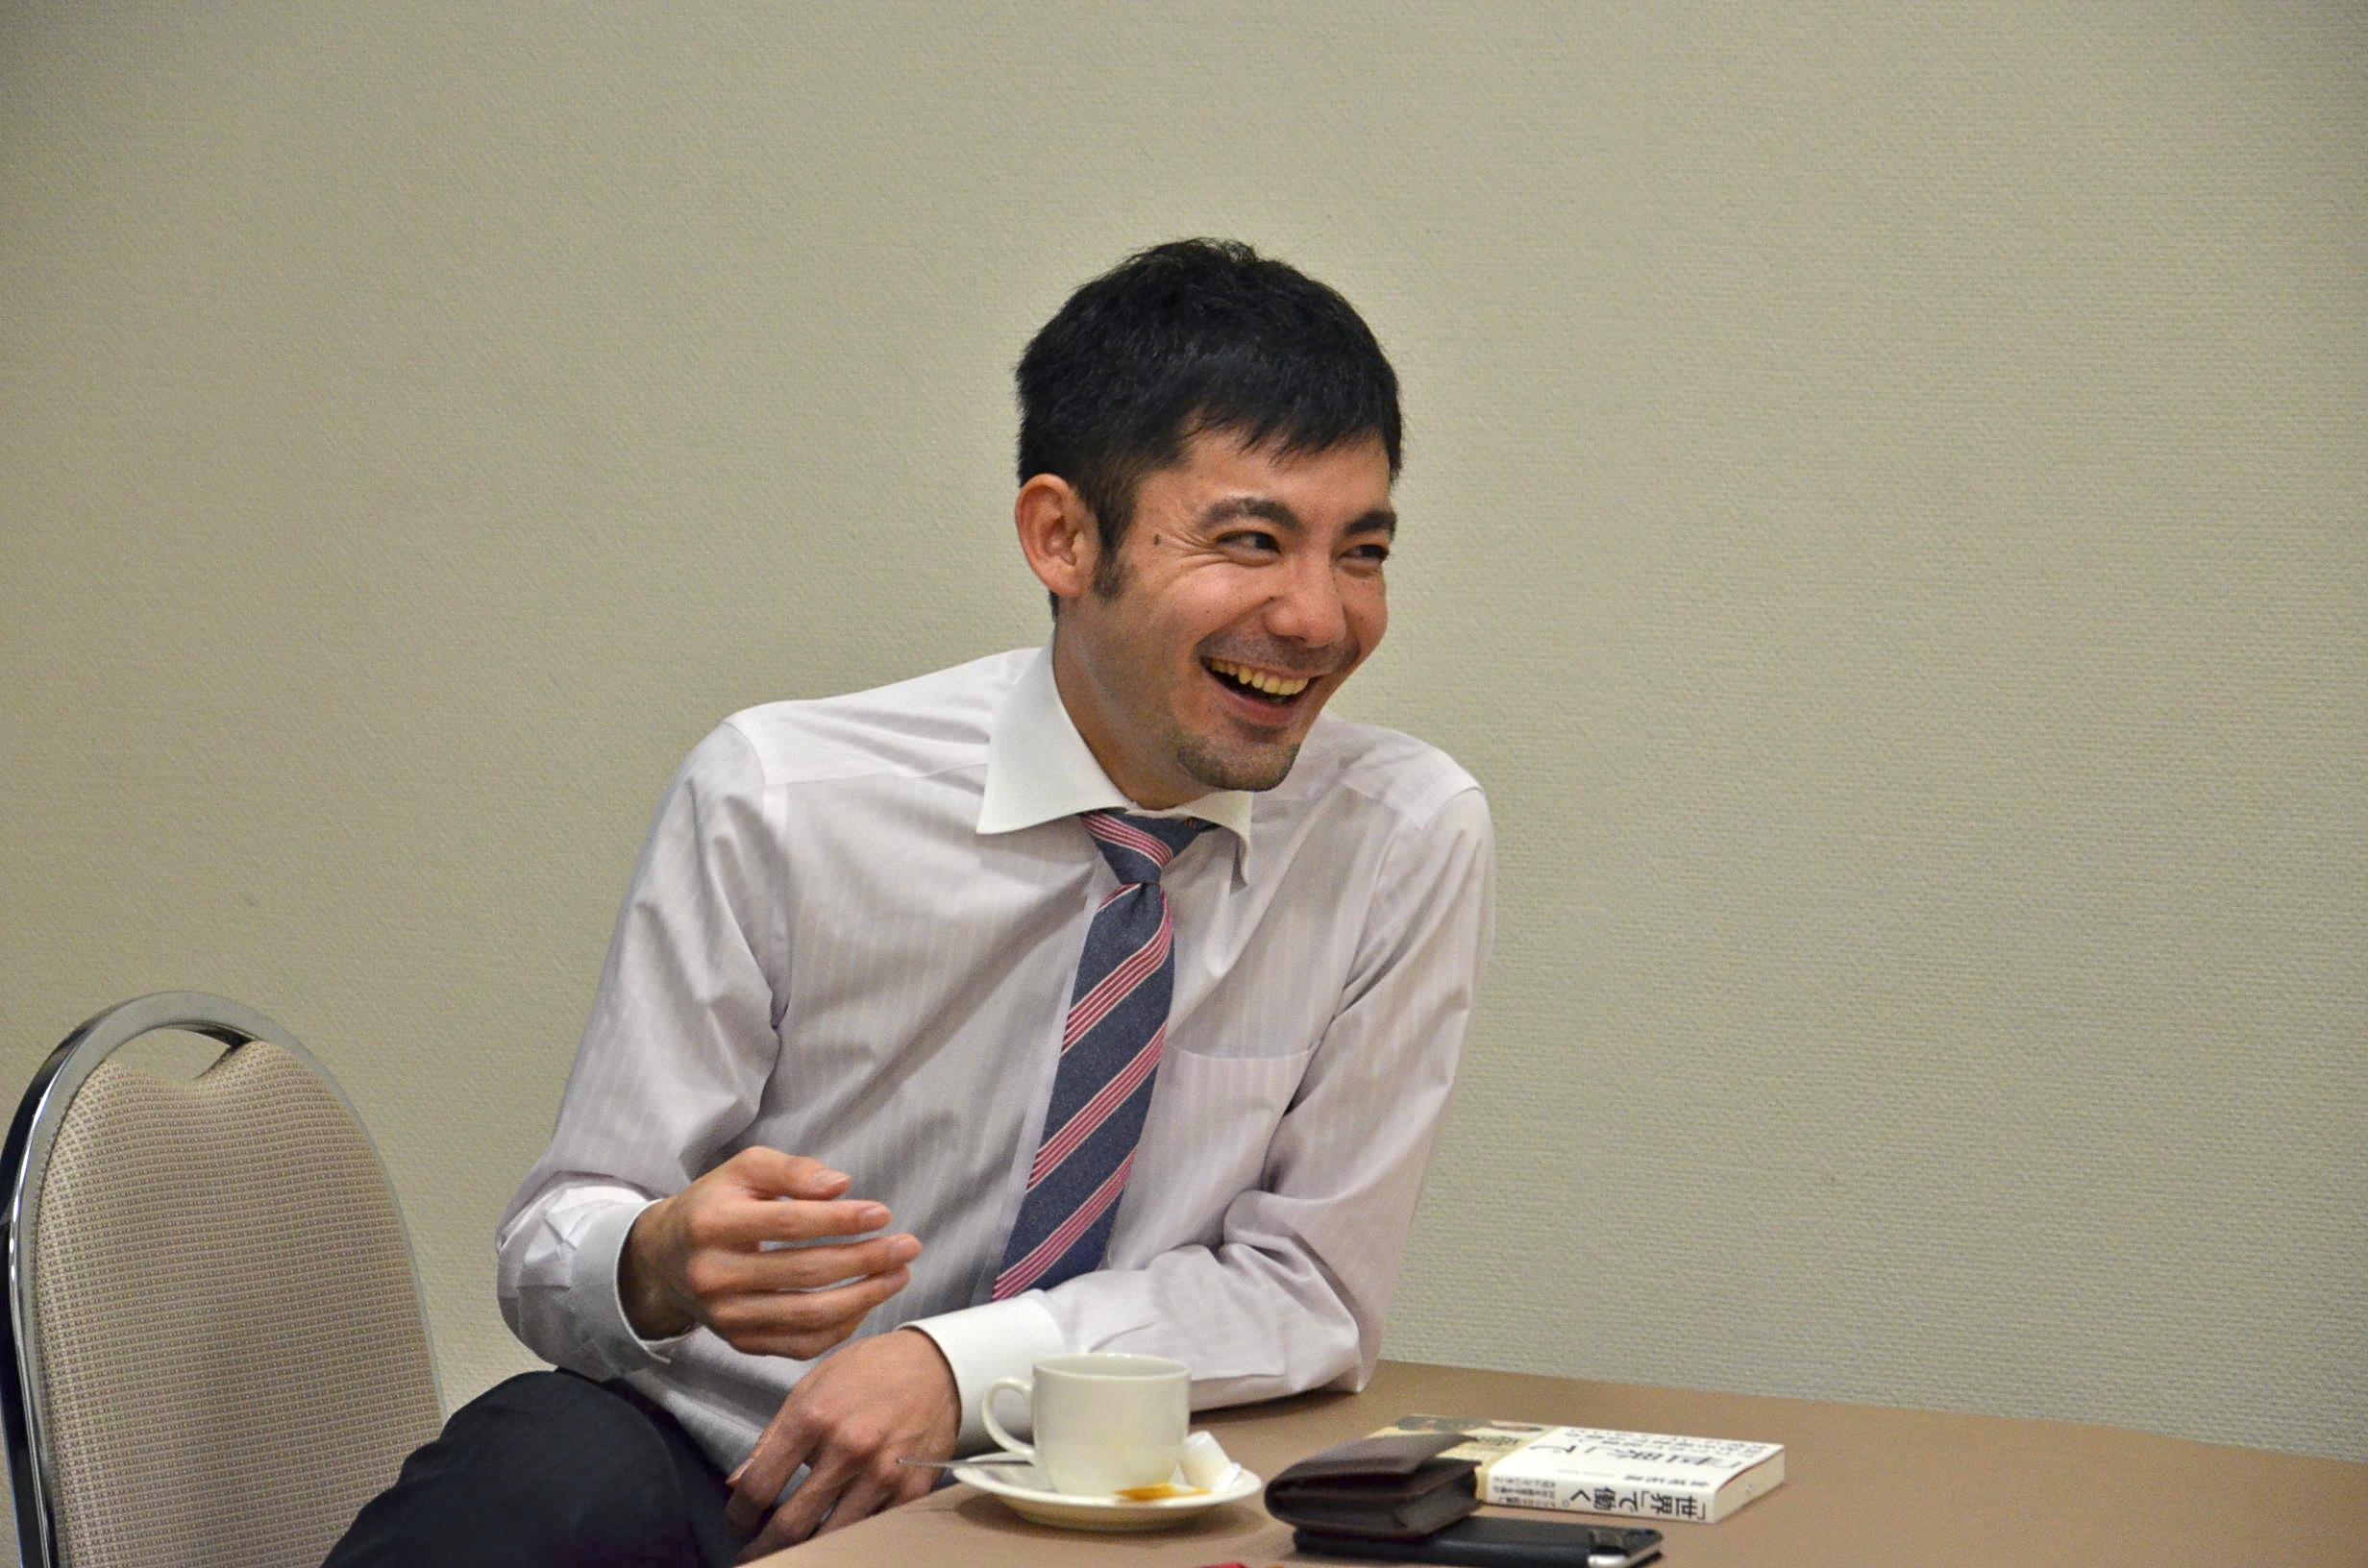 アフリカで年商400億円を稼ぐ! 日本人実業家・金城拓真氏とインターン生が語る、アフリカでビジネスをする魅力